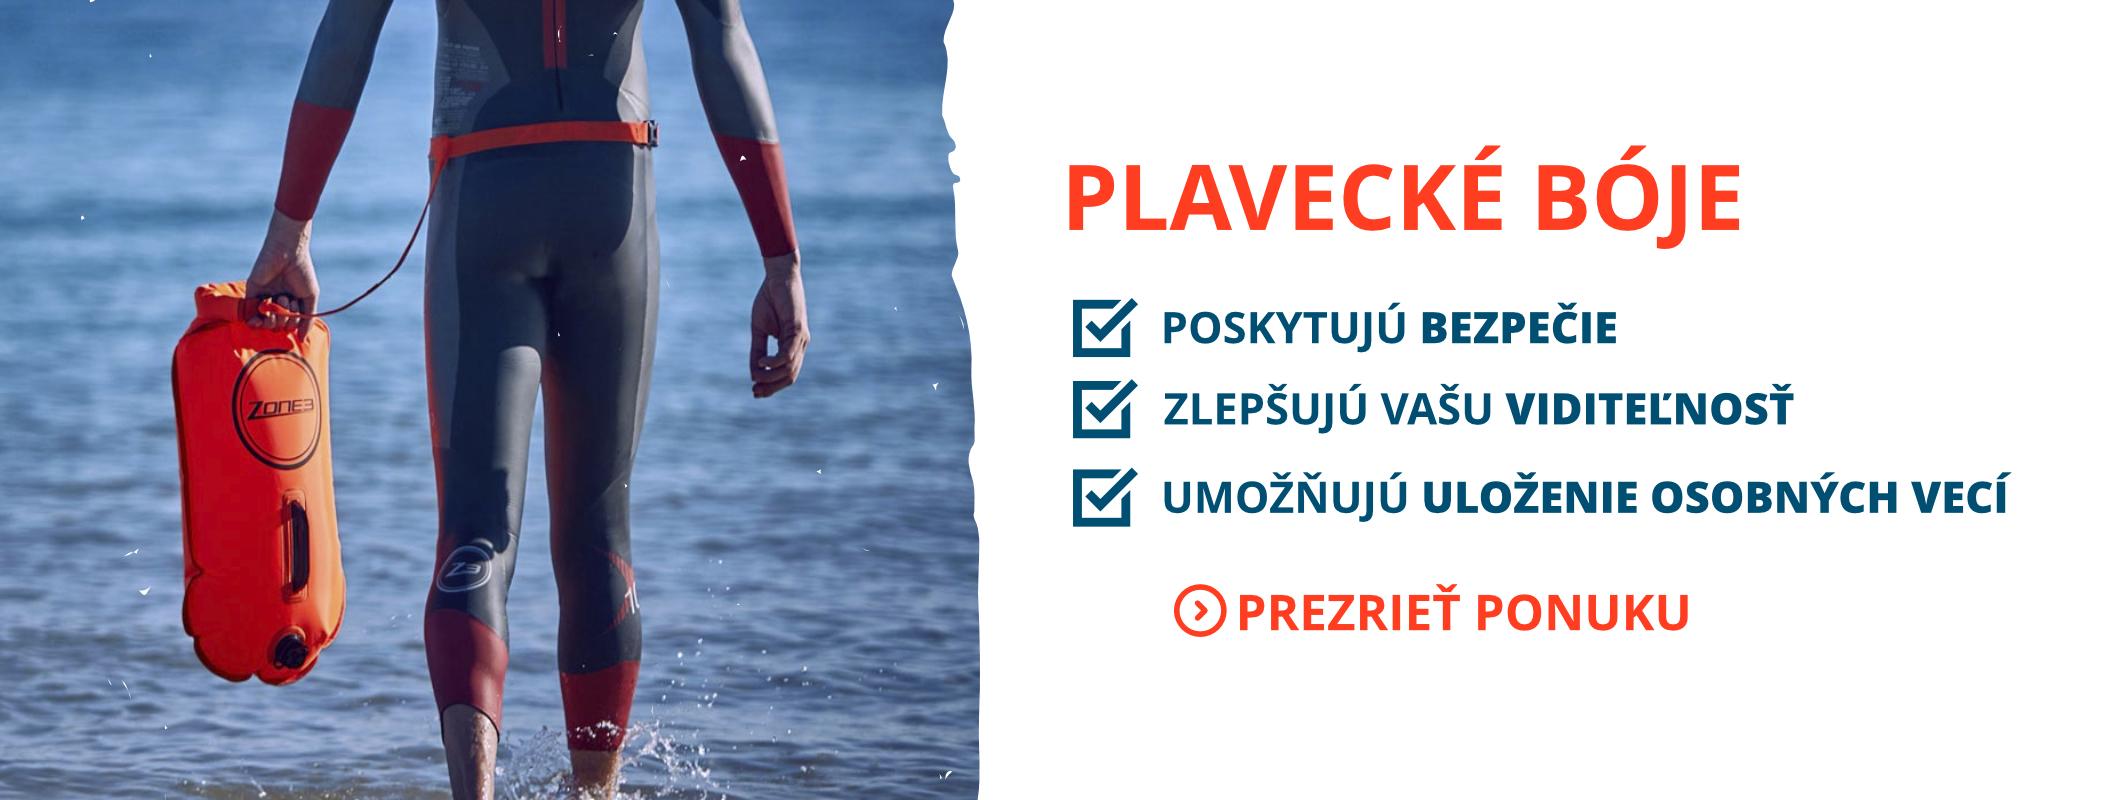 Nafukovacie bóje pre plávanie na otvorenej vode